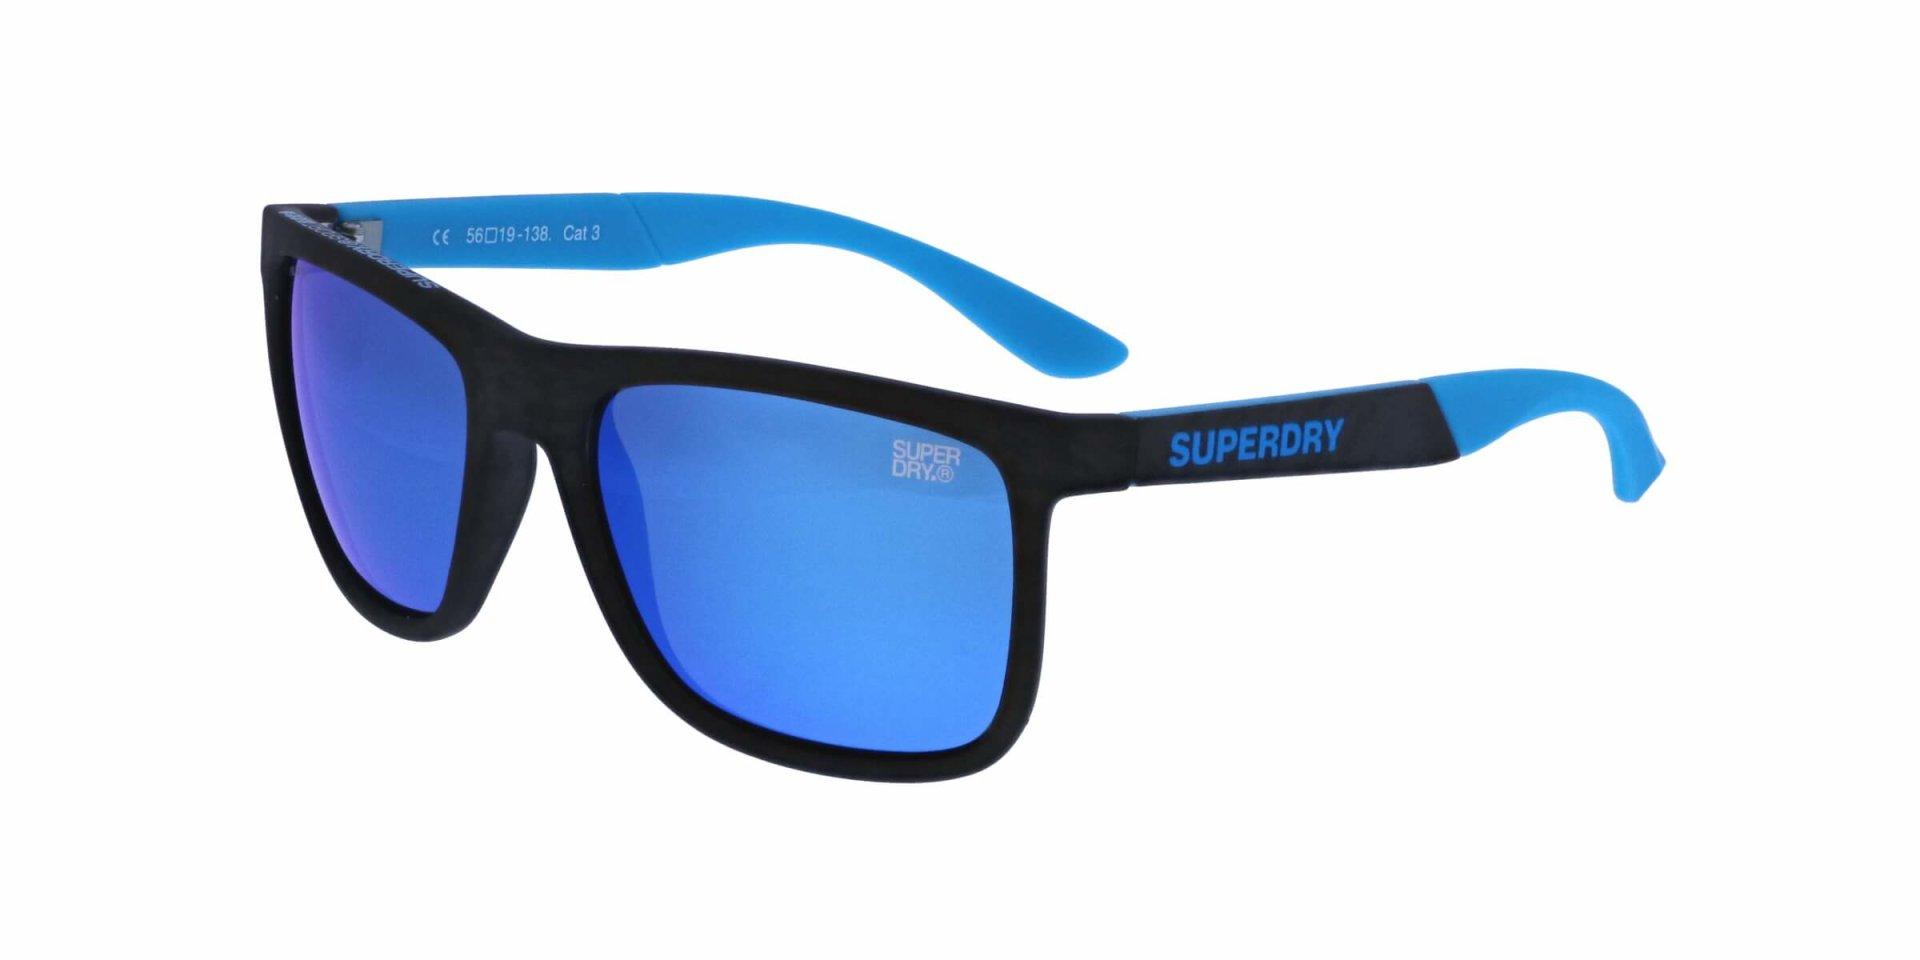 SUPERDRY SDS RUNNERX 165P